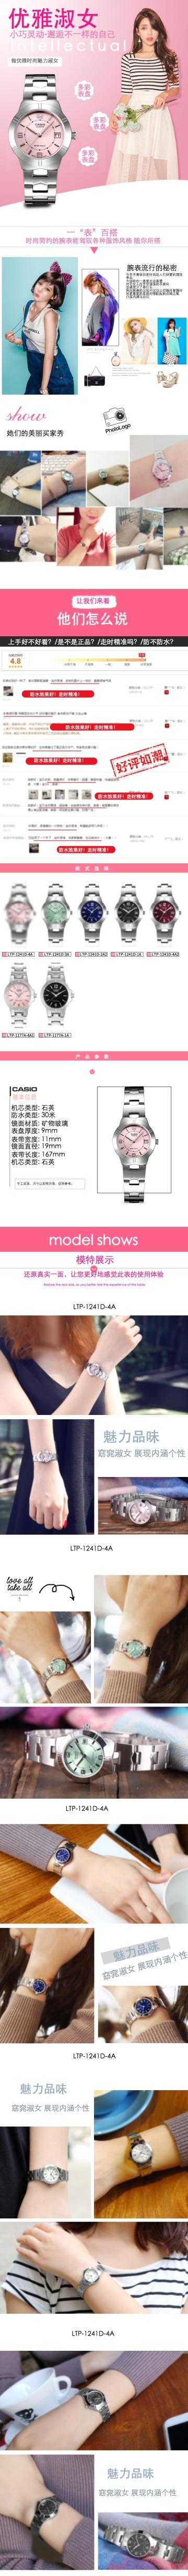 粉色简约时尚手表宣传营销电商宝贝详情